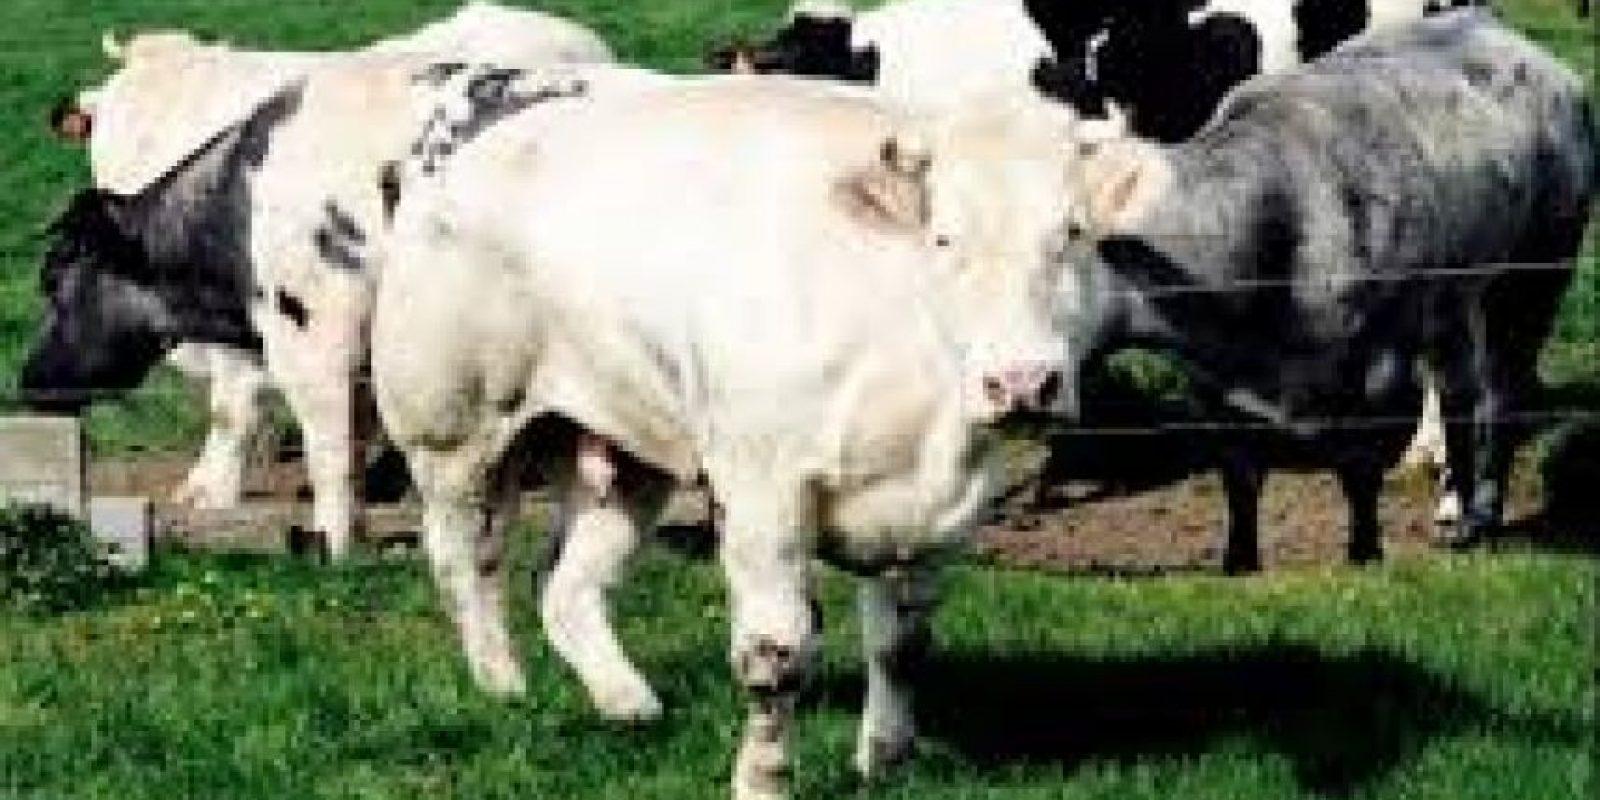 Una de sus vacas daría a luz Foto:http://asmg.footeo.com